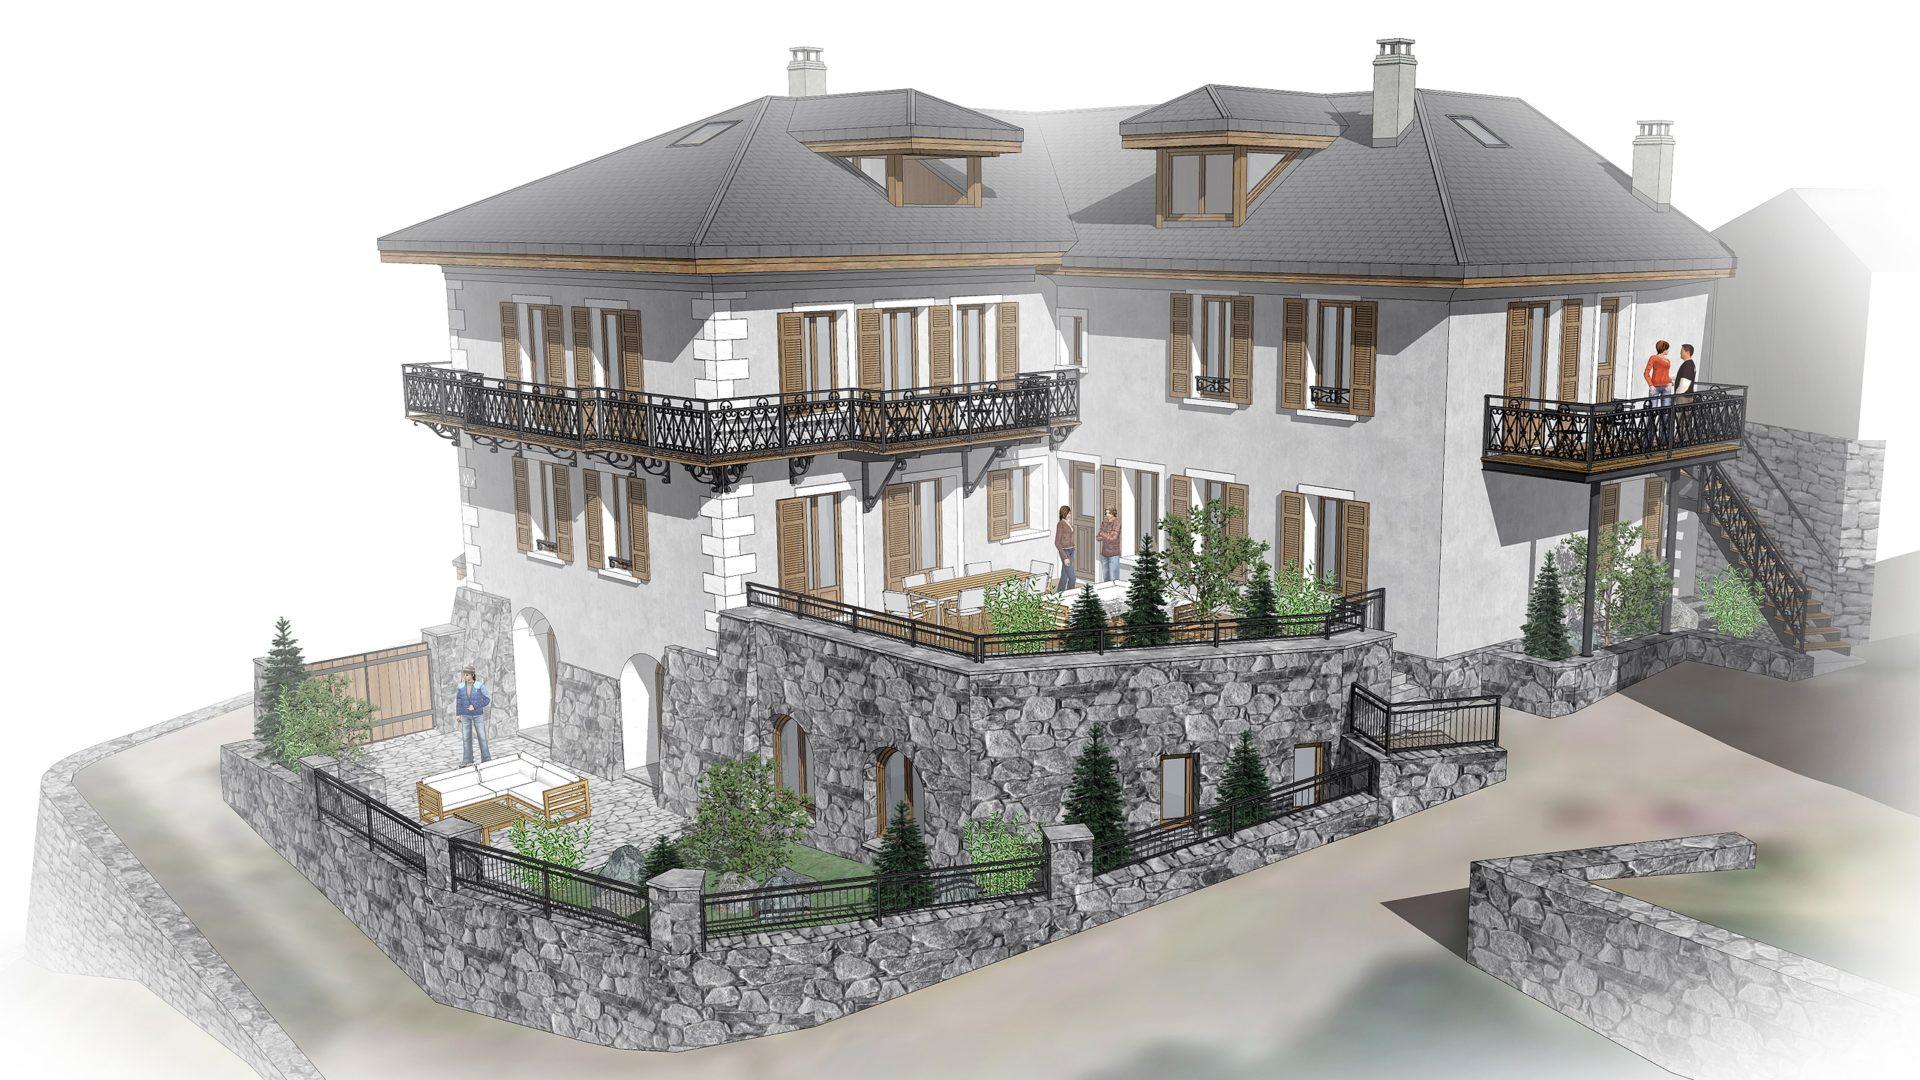 L'Épicerie / Vue 1 / Saint Martin de Belleville, Savoie